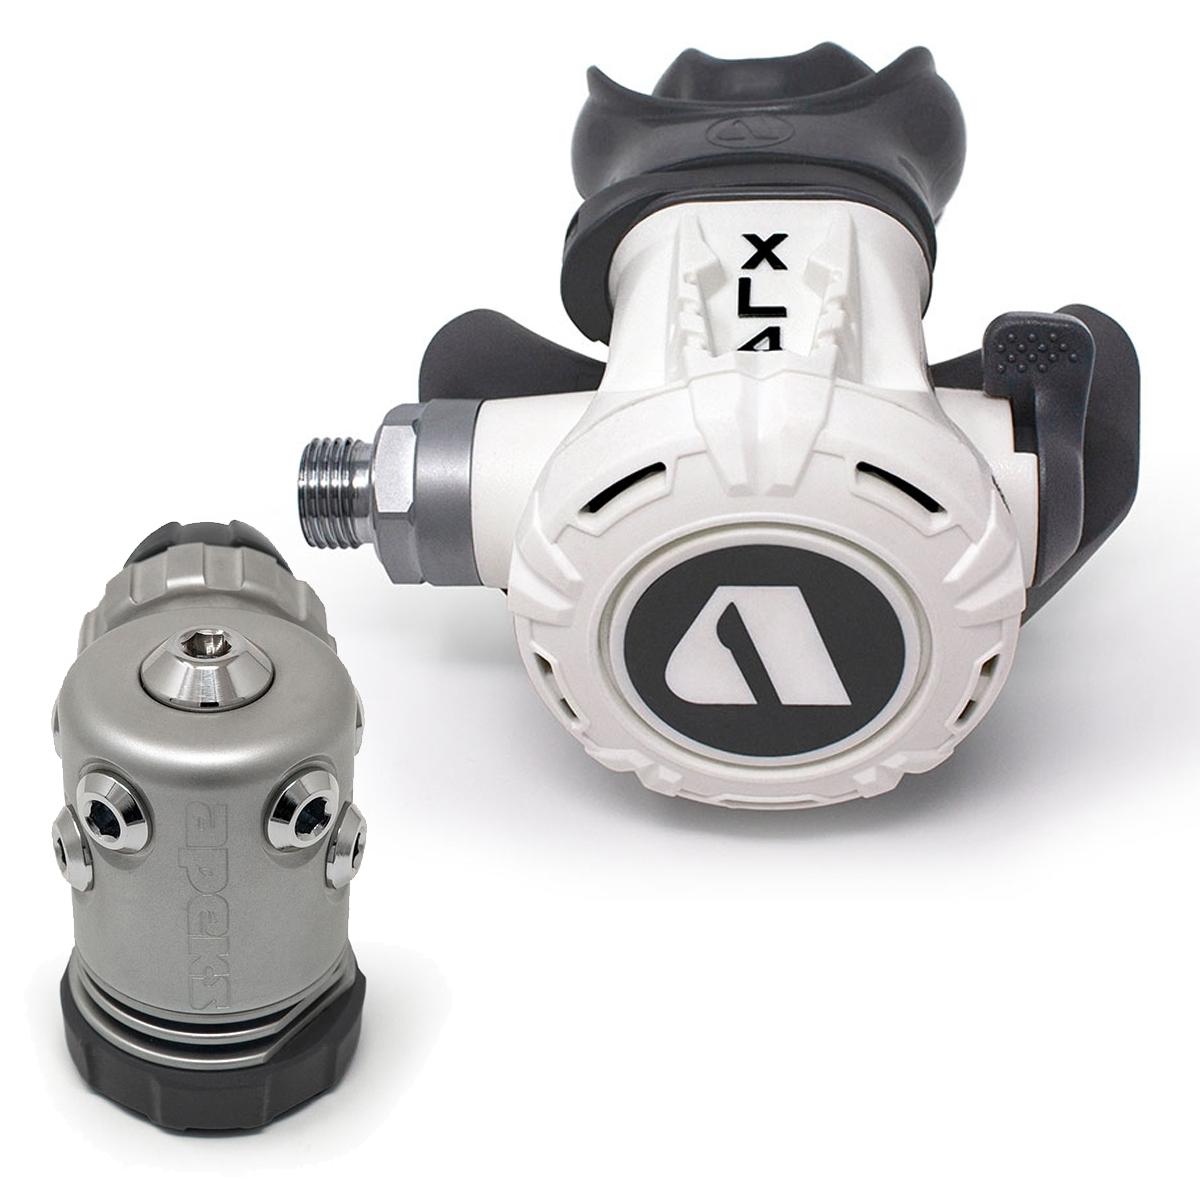 APEKS - XL4plus Atemregler DIN